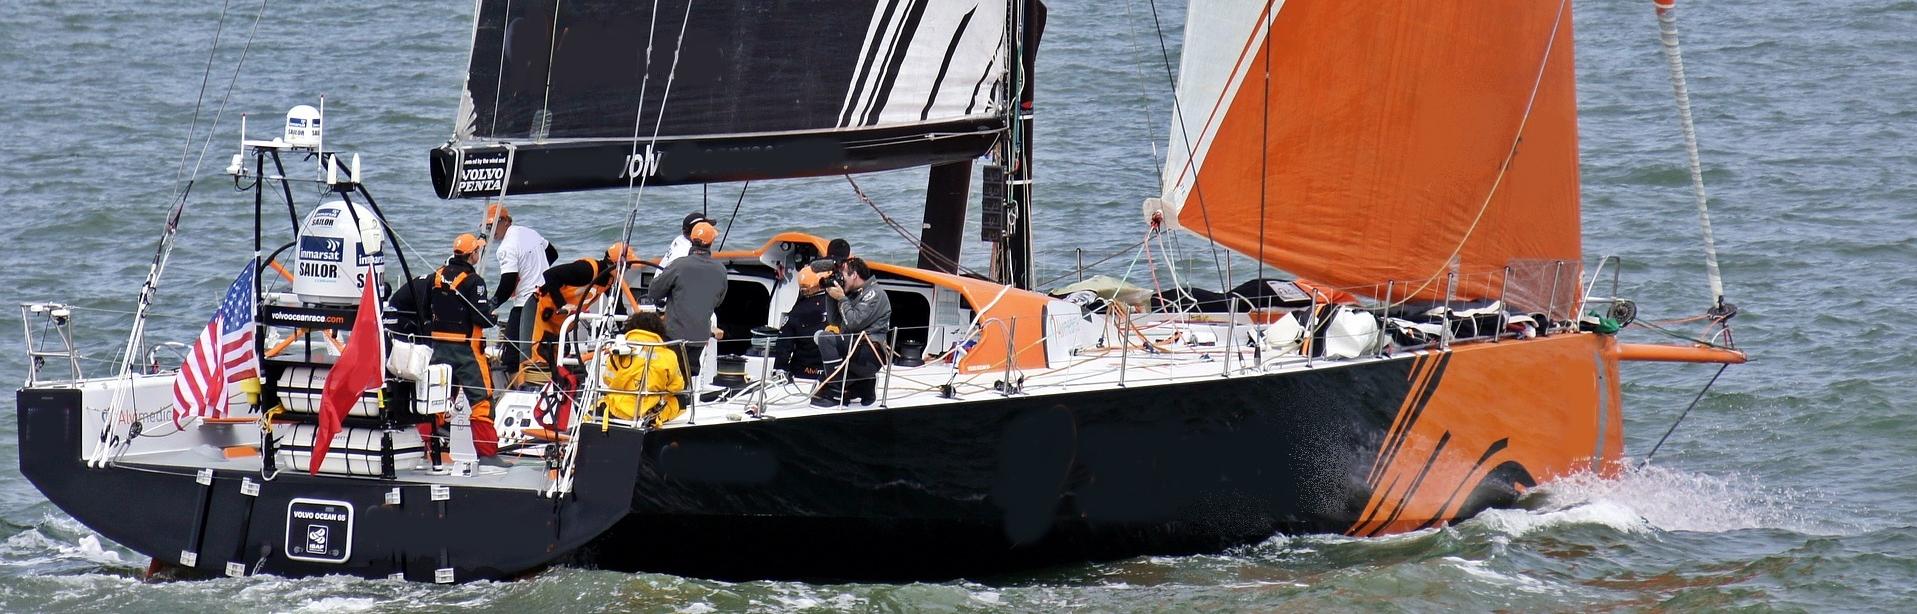 teambuilding an bord eines Segelschiffes